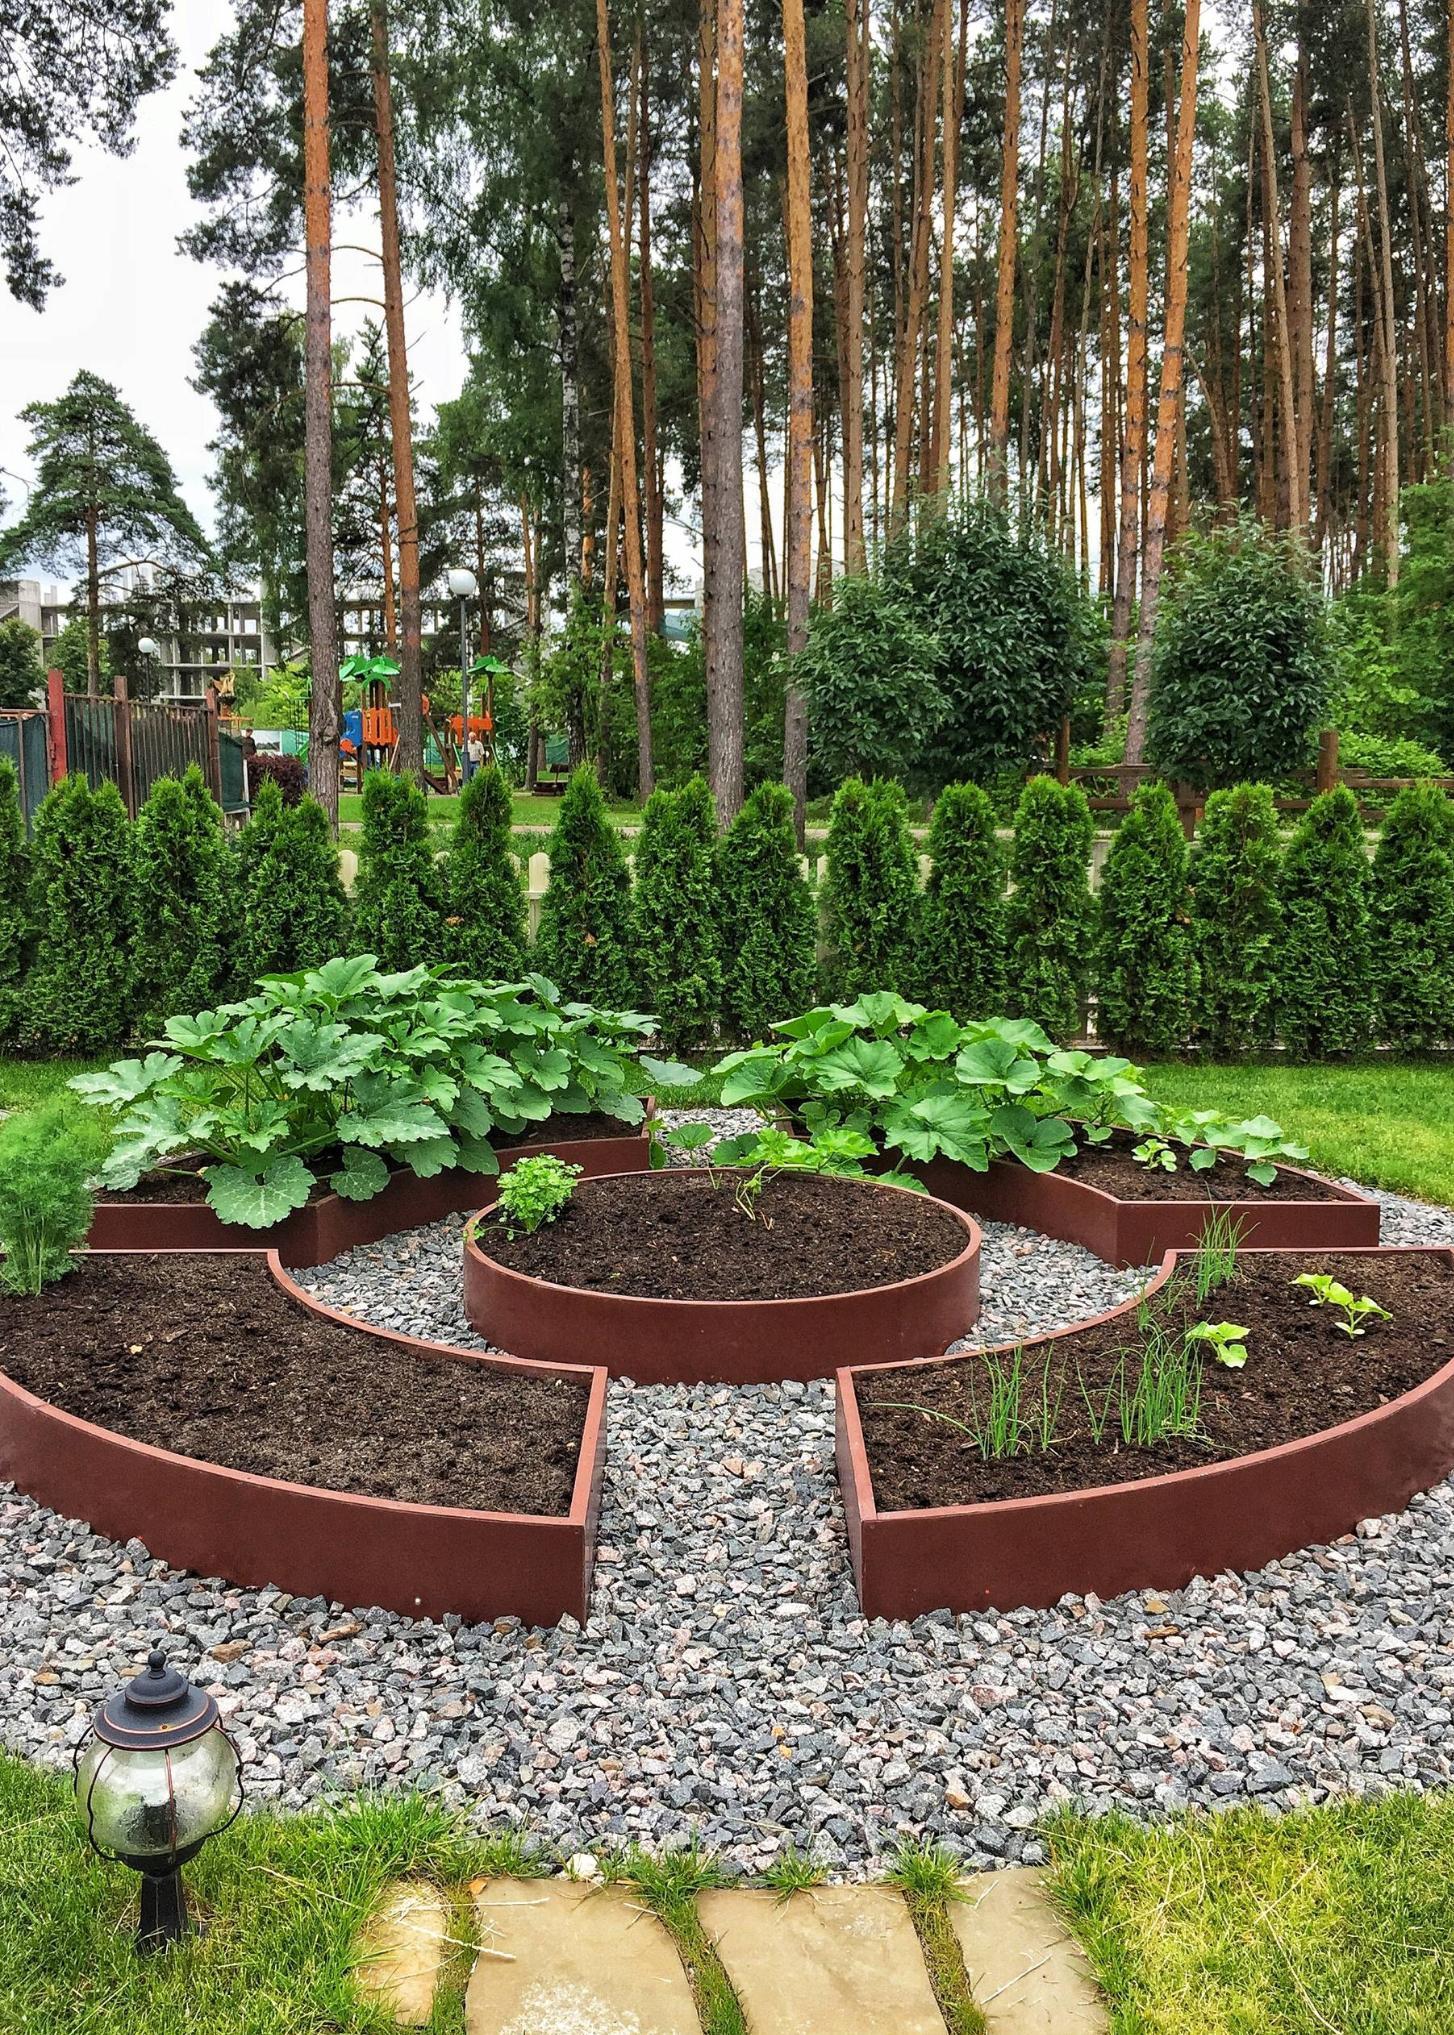 2019年的菜园设计趋势:景观式种菜,从此你的菜地就是你的花园图片